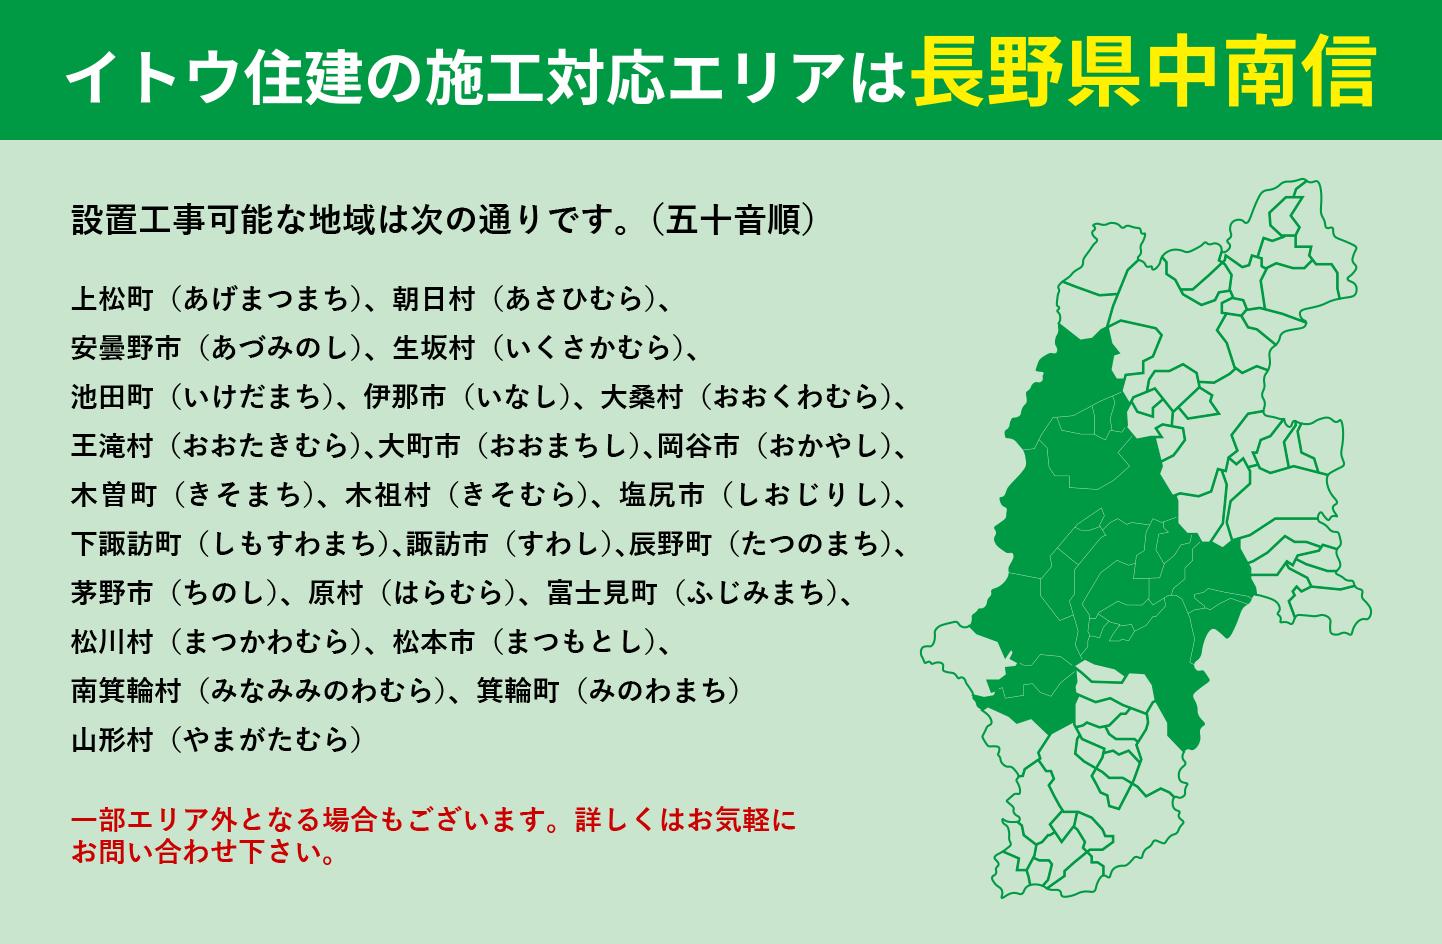 イトウ住建の施工対応エリアは長野県中南信